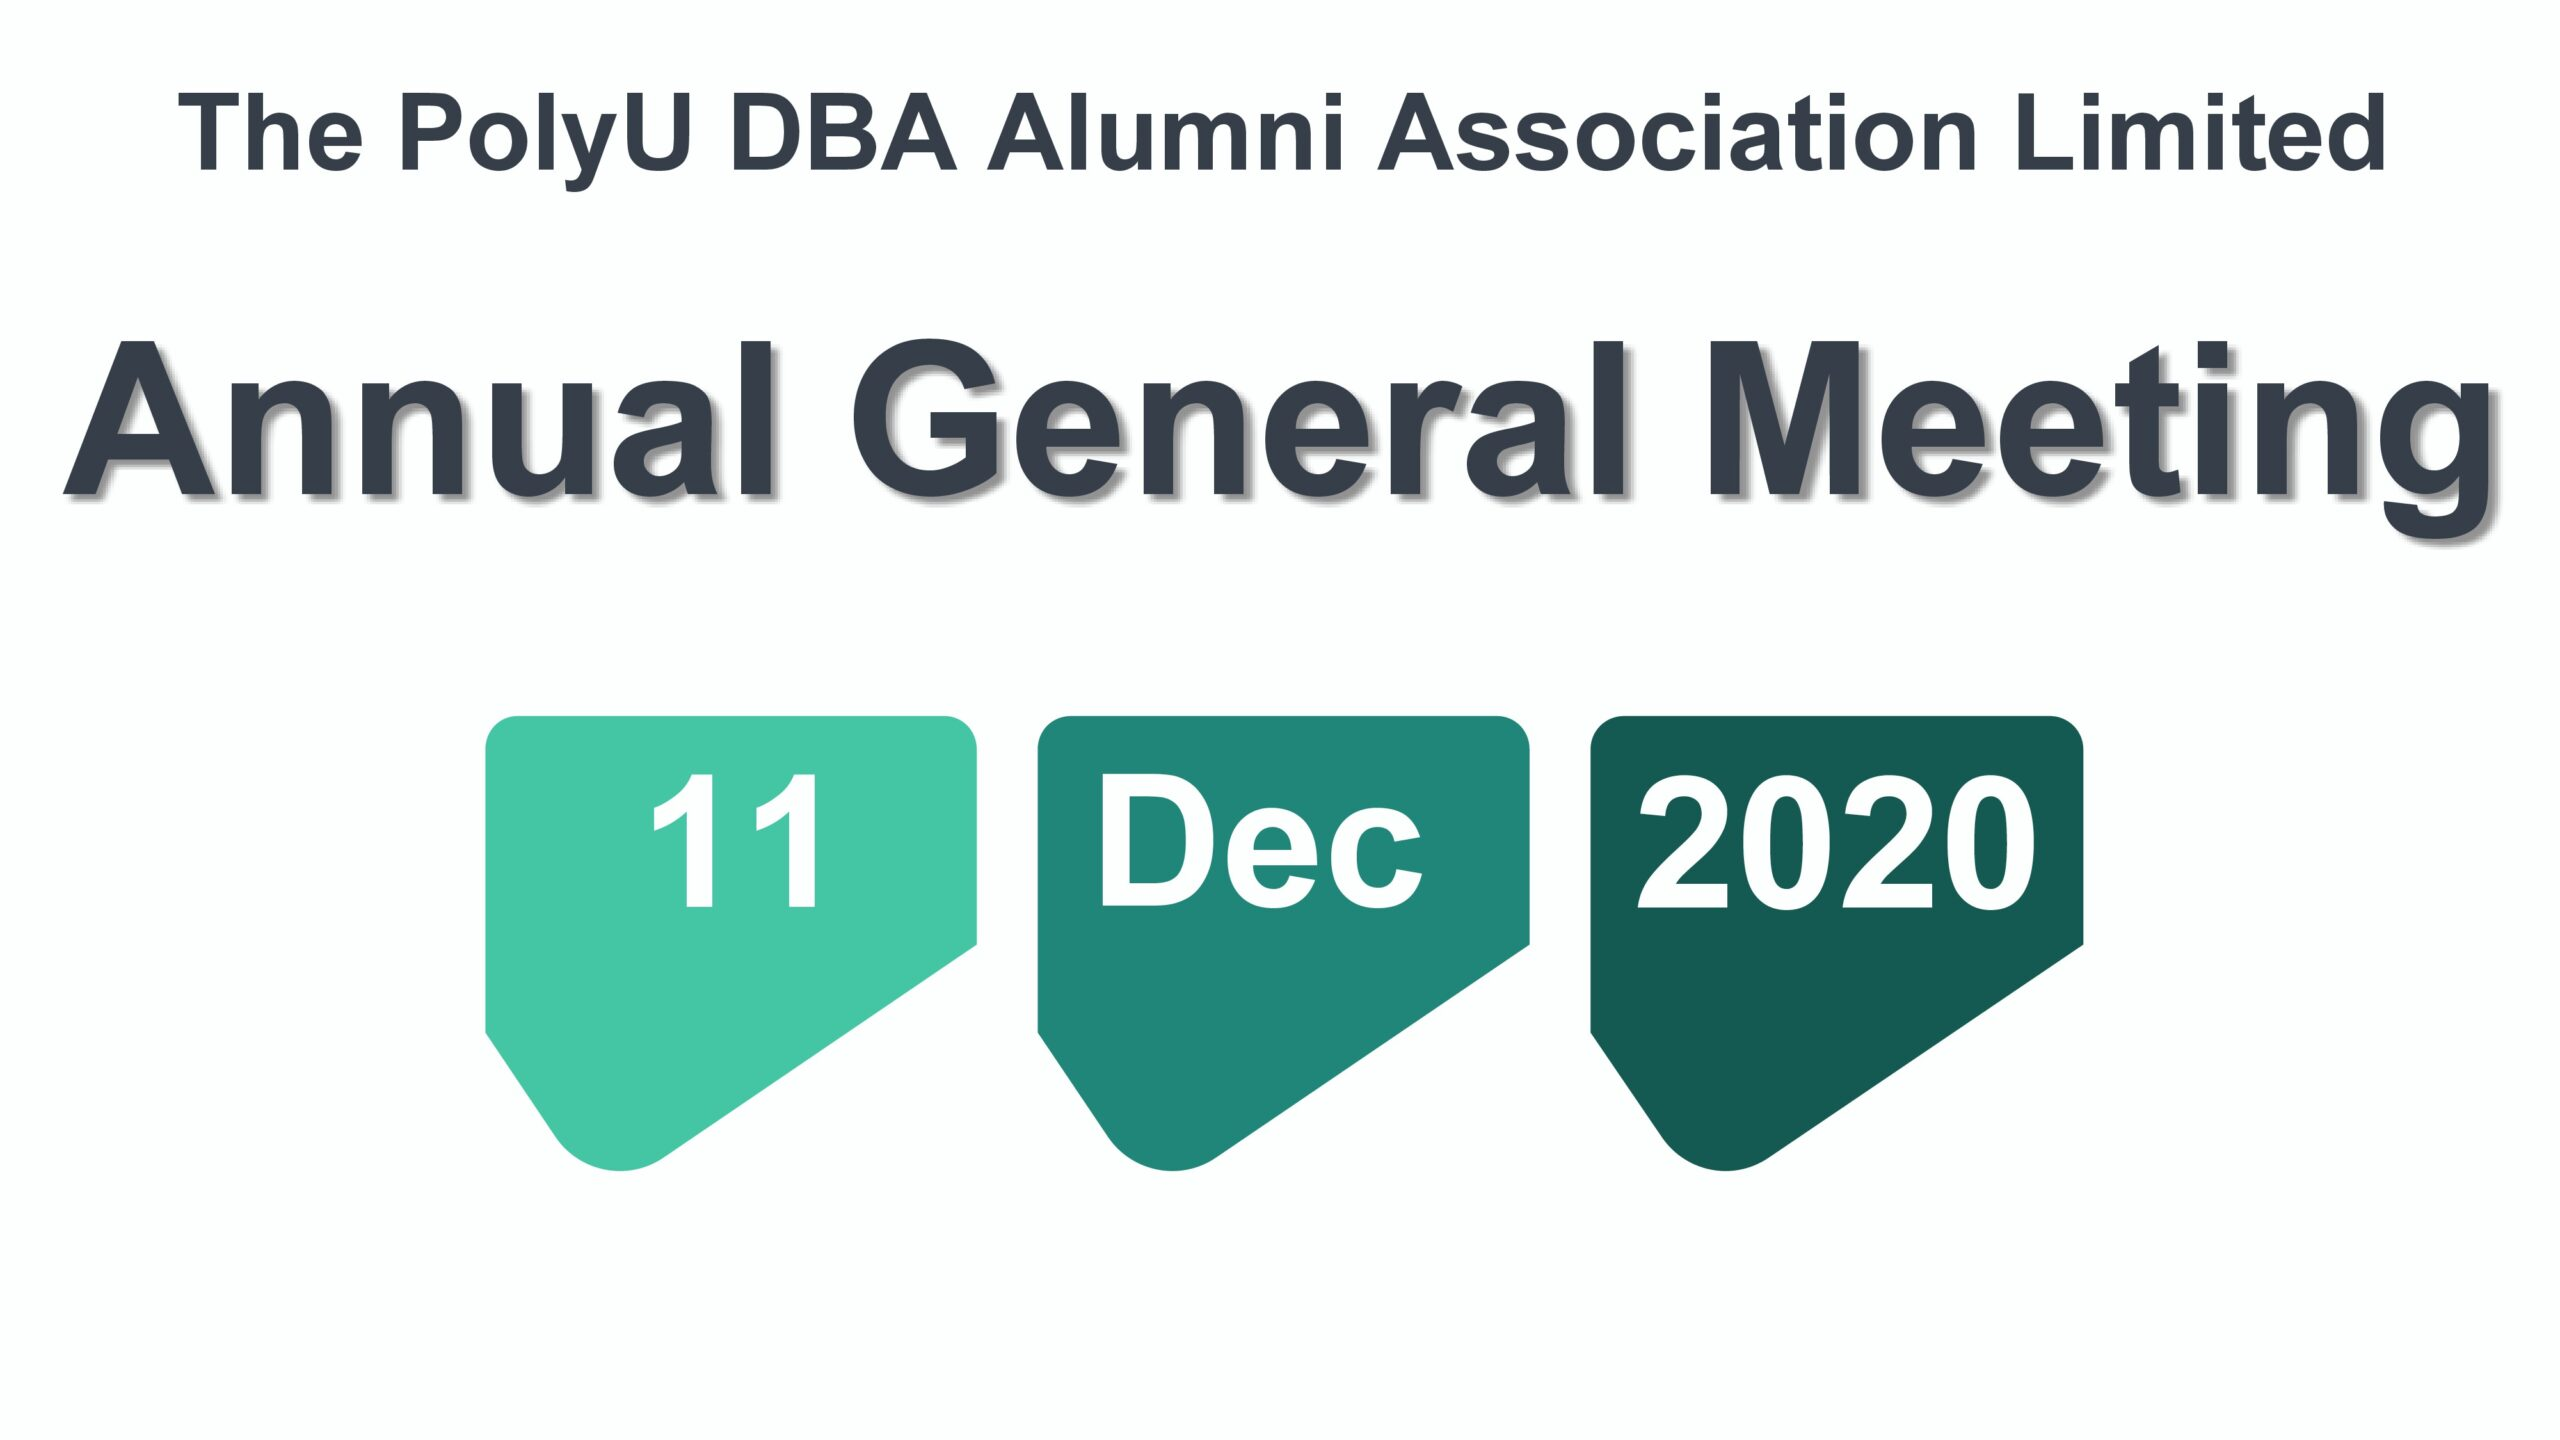 DBAAA 2020 Annual General Meeting